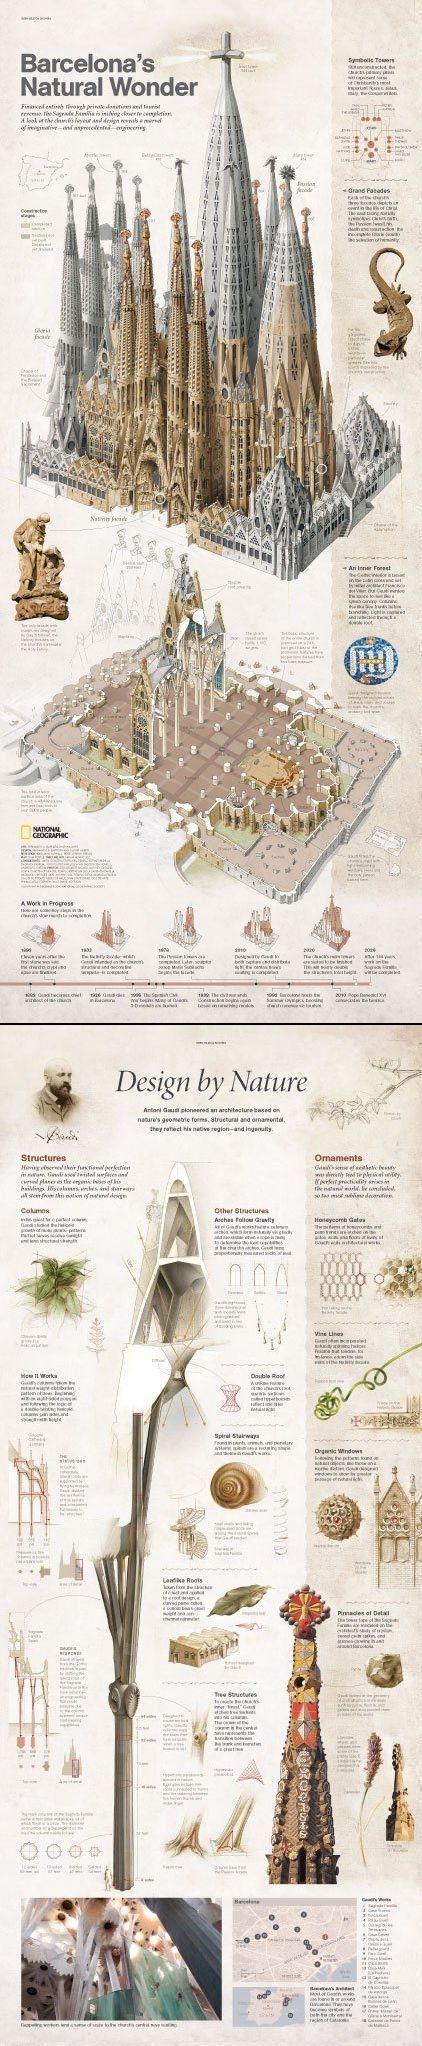 Read Message - twc.com - Architecture Designs #architektonischepräsentation